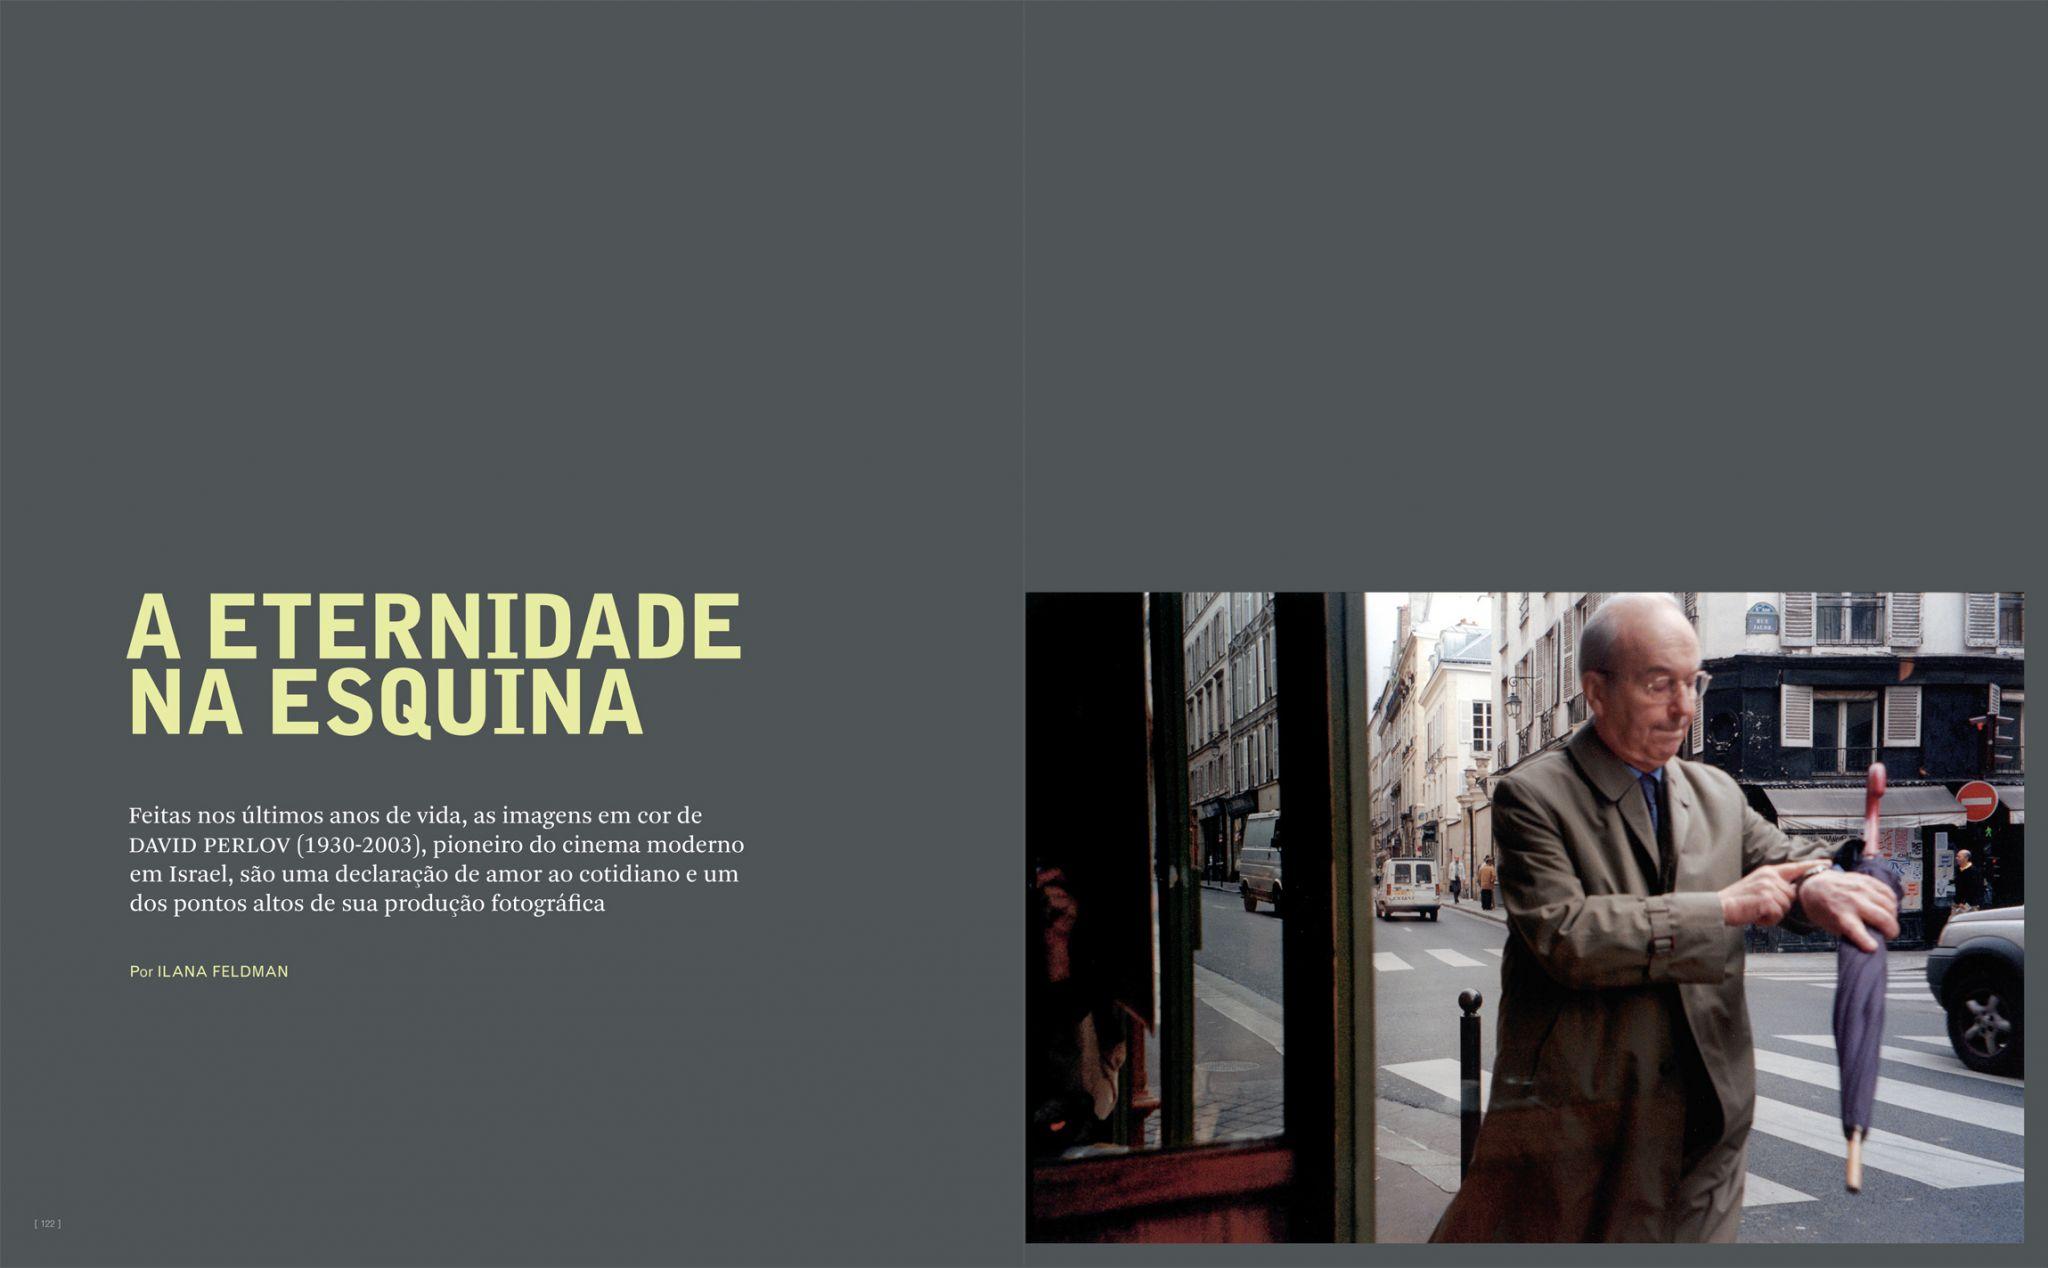 Feitas em seus últimos anos de vida, as imagens em cor de David Perlov (1930-2003), considerado pioneiro do cinema moderno em Israel, são uma declaração de amor ao cotidiano e um dos pontos altos de sua produção fotográfica. A ZUM publica uma seleção dessas imagens.